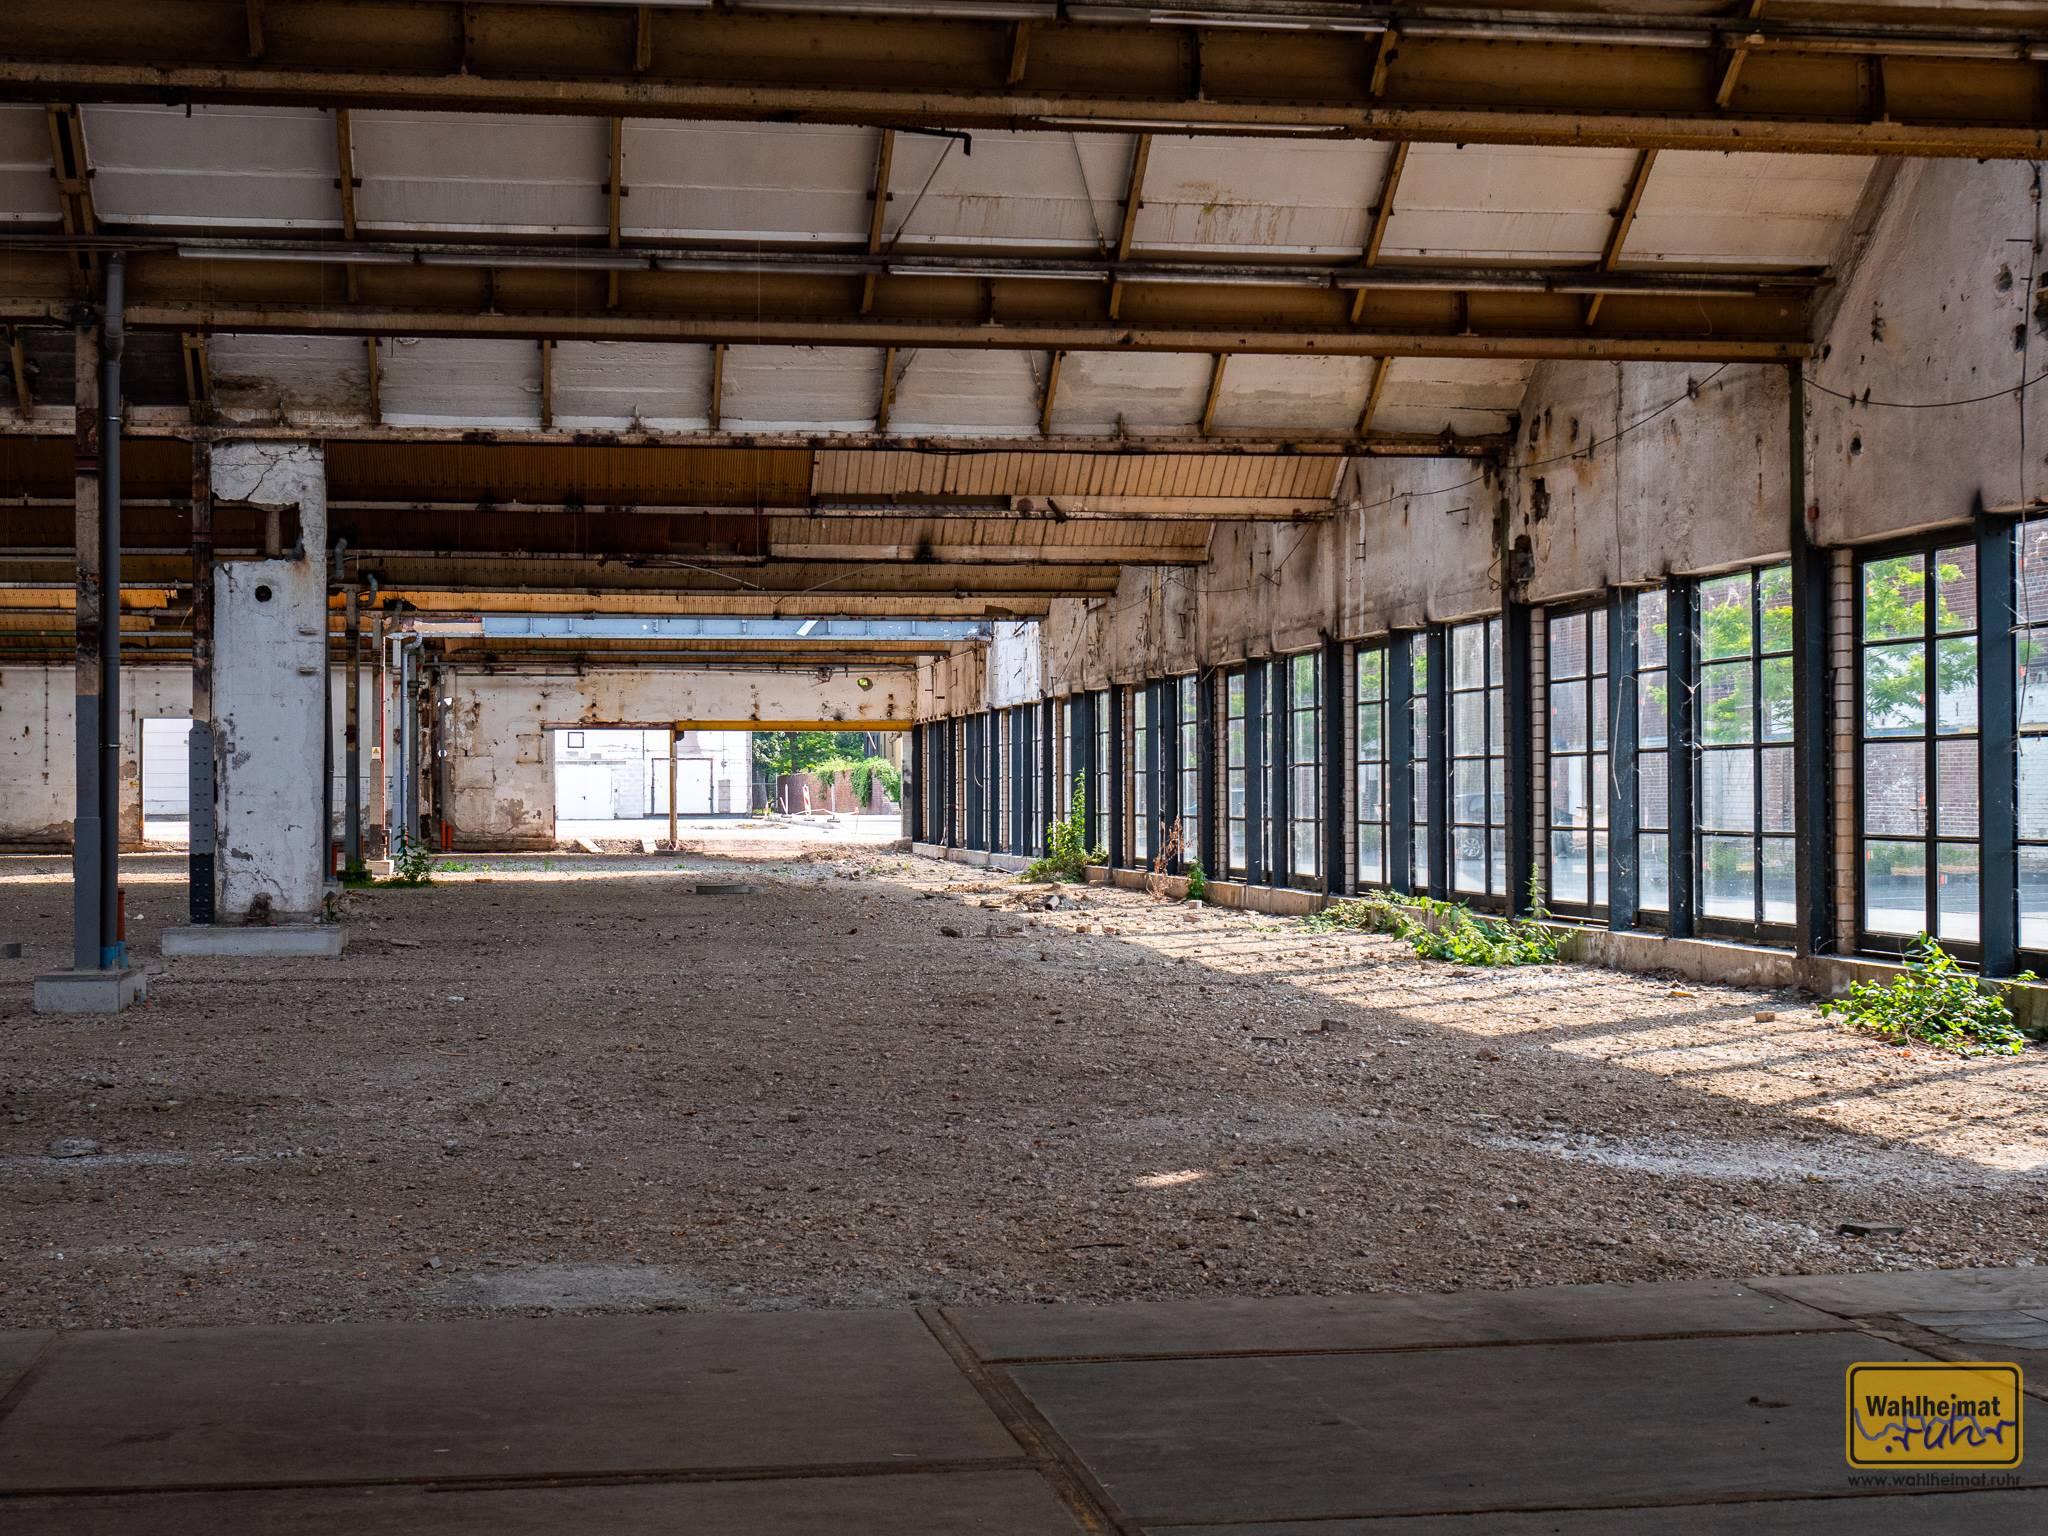 Das Foto fängt nur einen Teil der riesigen Färberhalle der Verseidag ein. Man sieht die Shed-Dach-Konstruktion hier auch von unten.